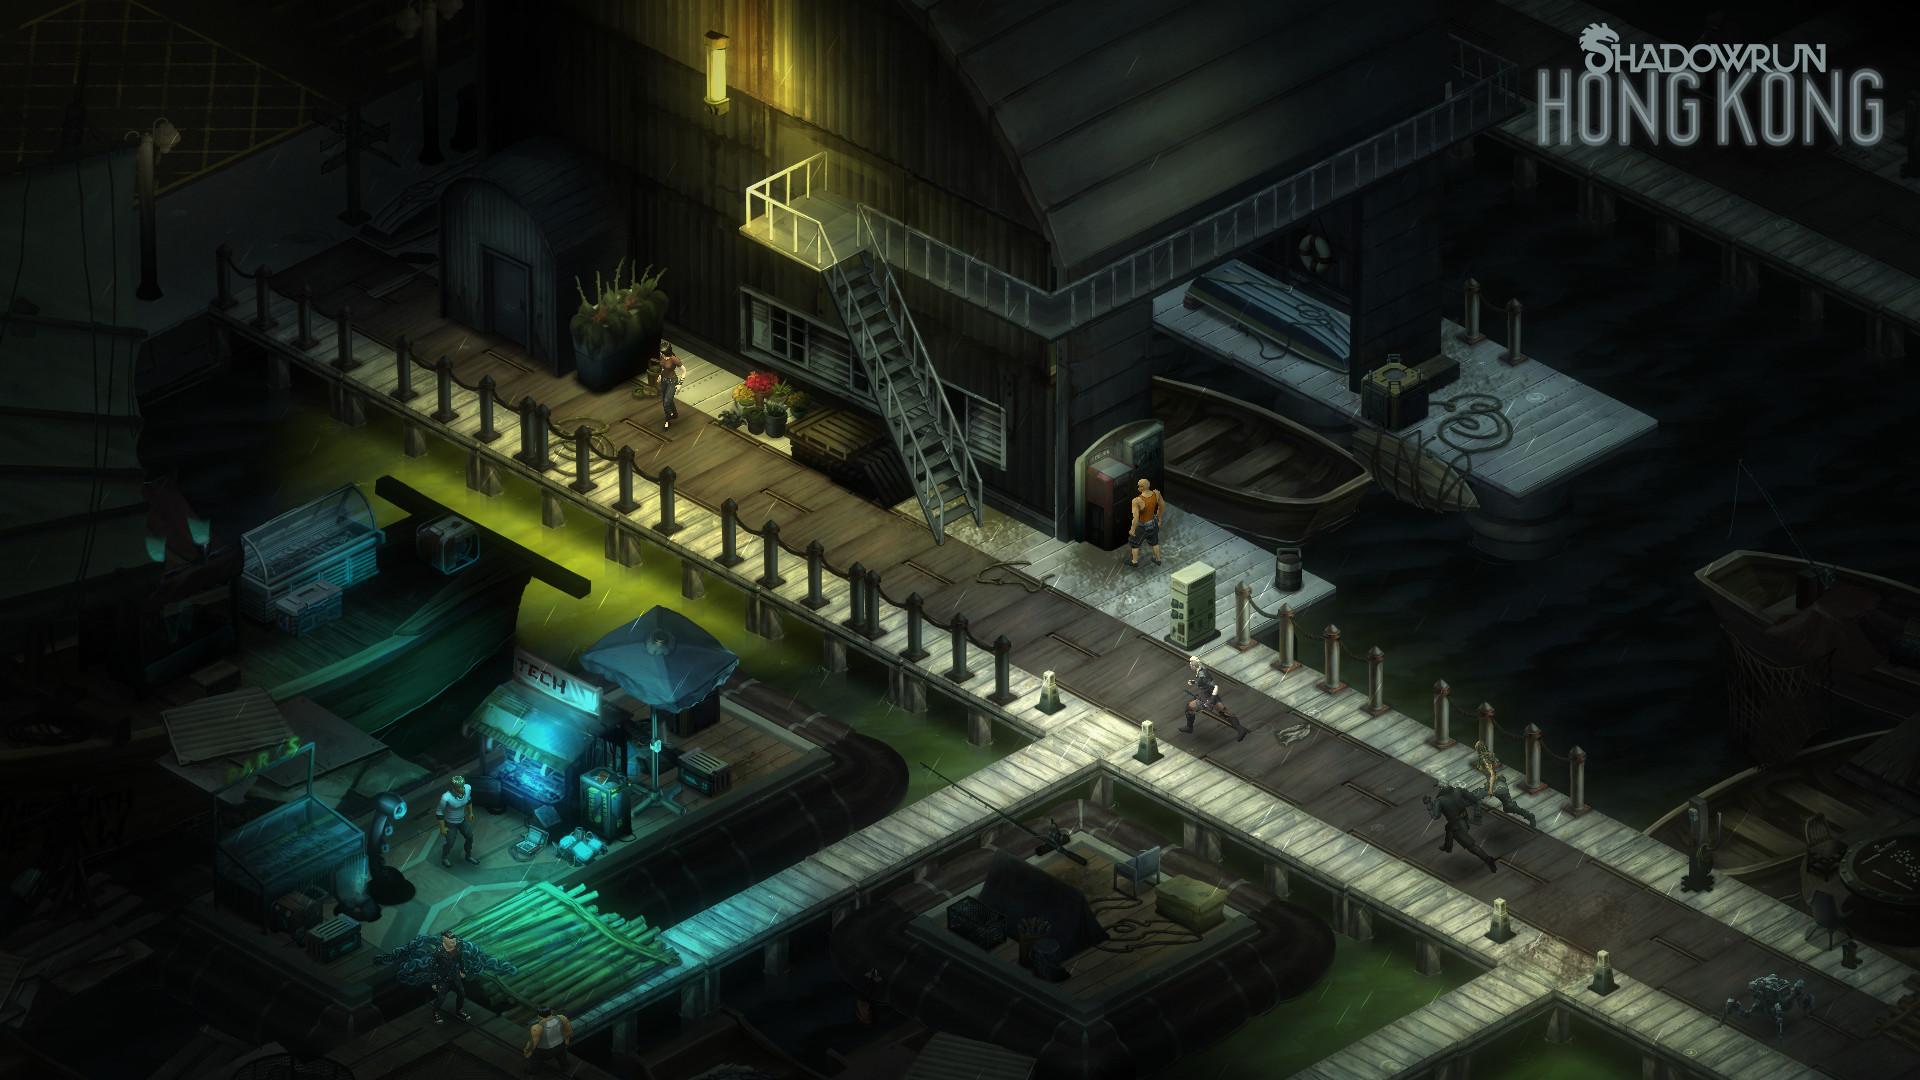 Shadowrun: Hong Kong ganha novas imagens e um vídeo